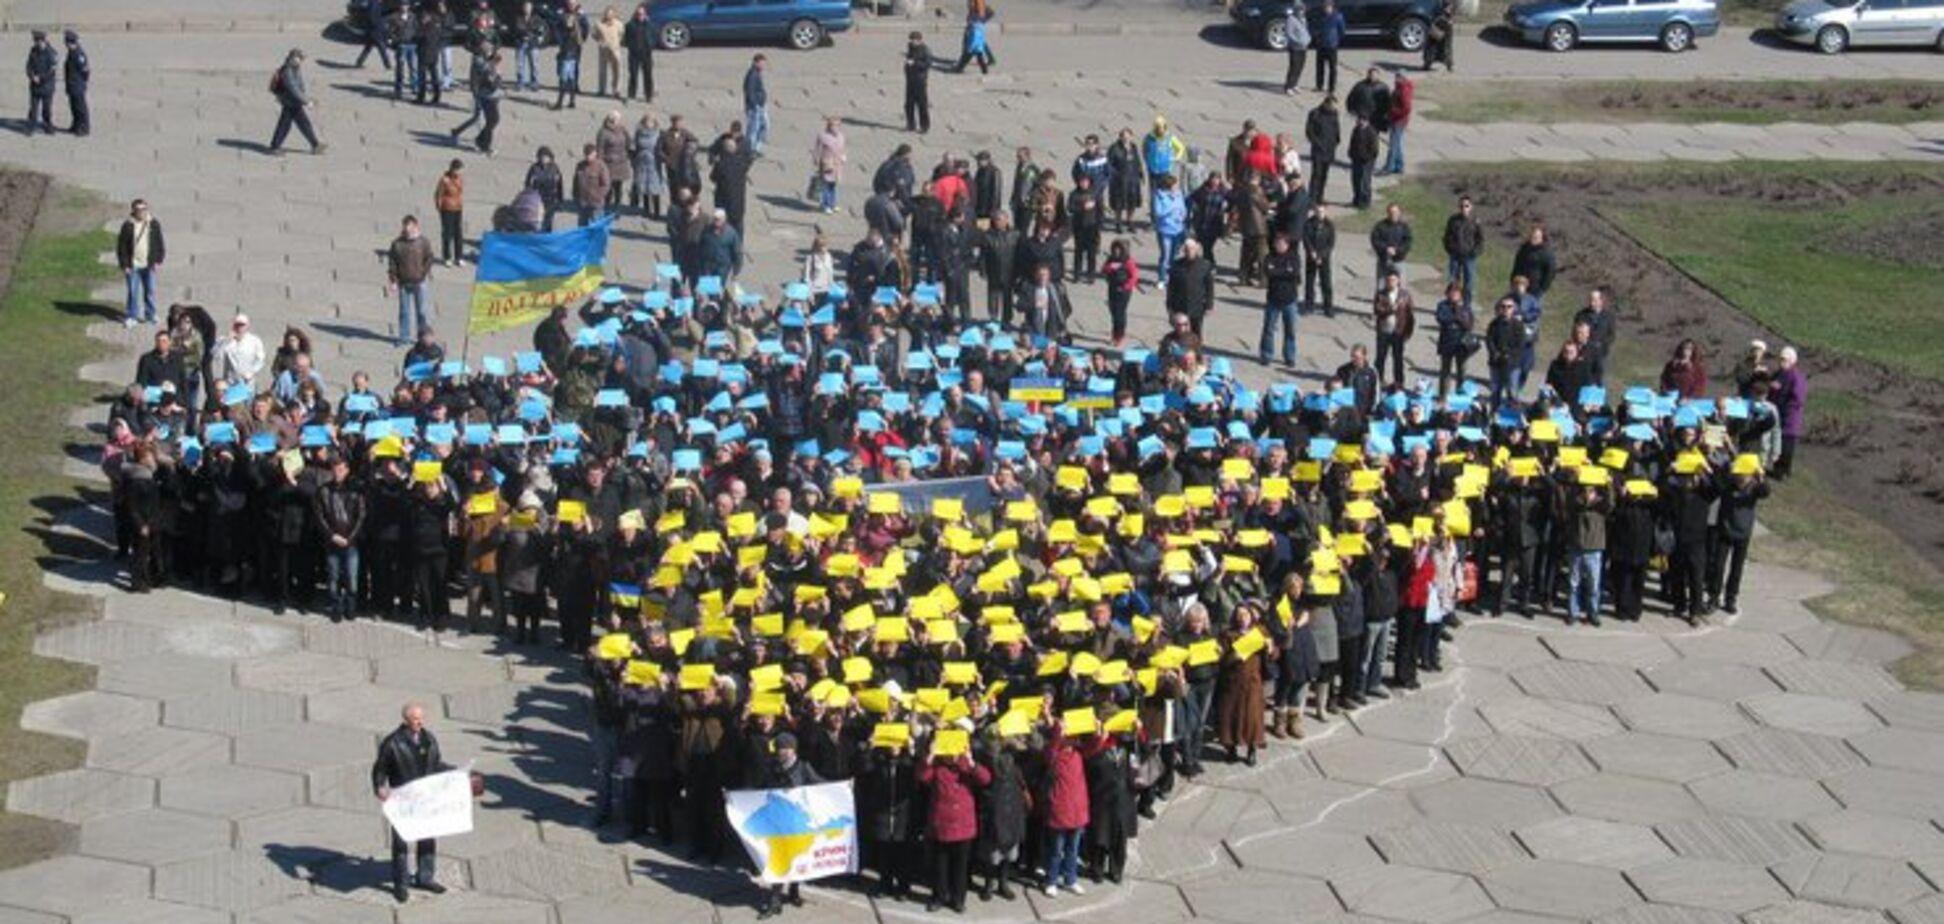 Детская игра с 'российским' Крымом привела в бешенство украинцев